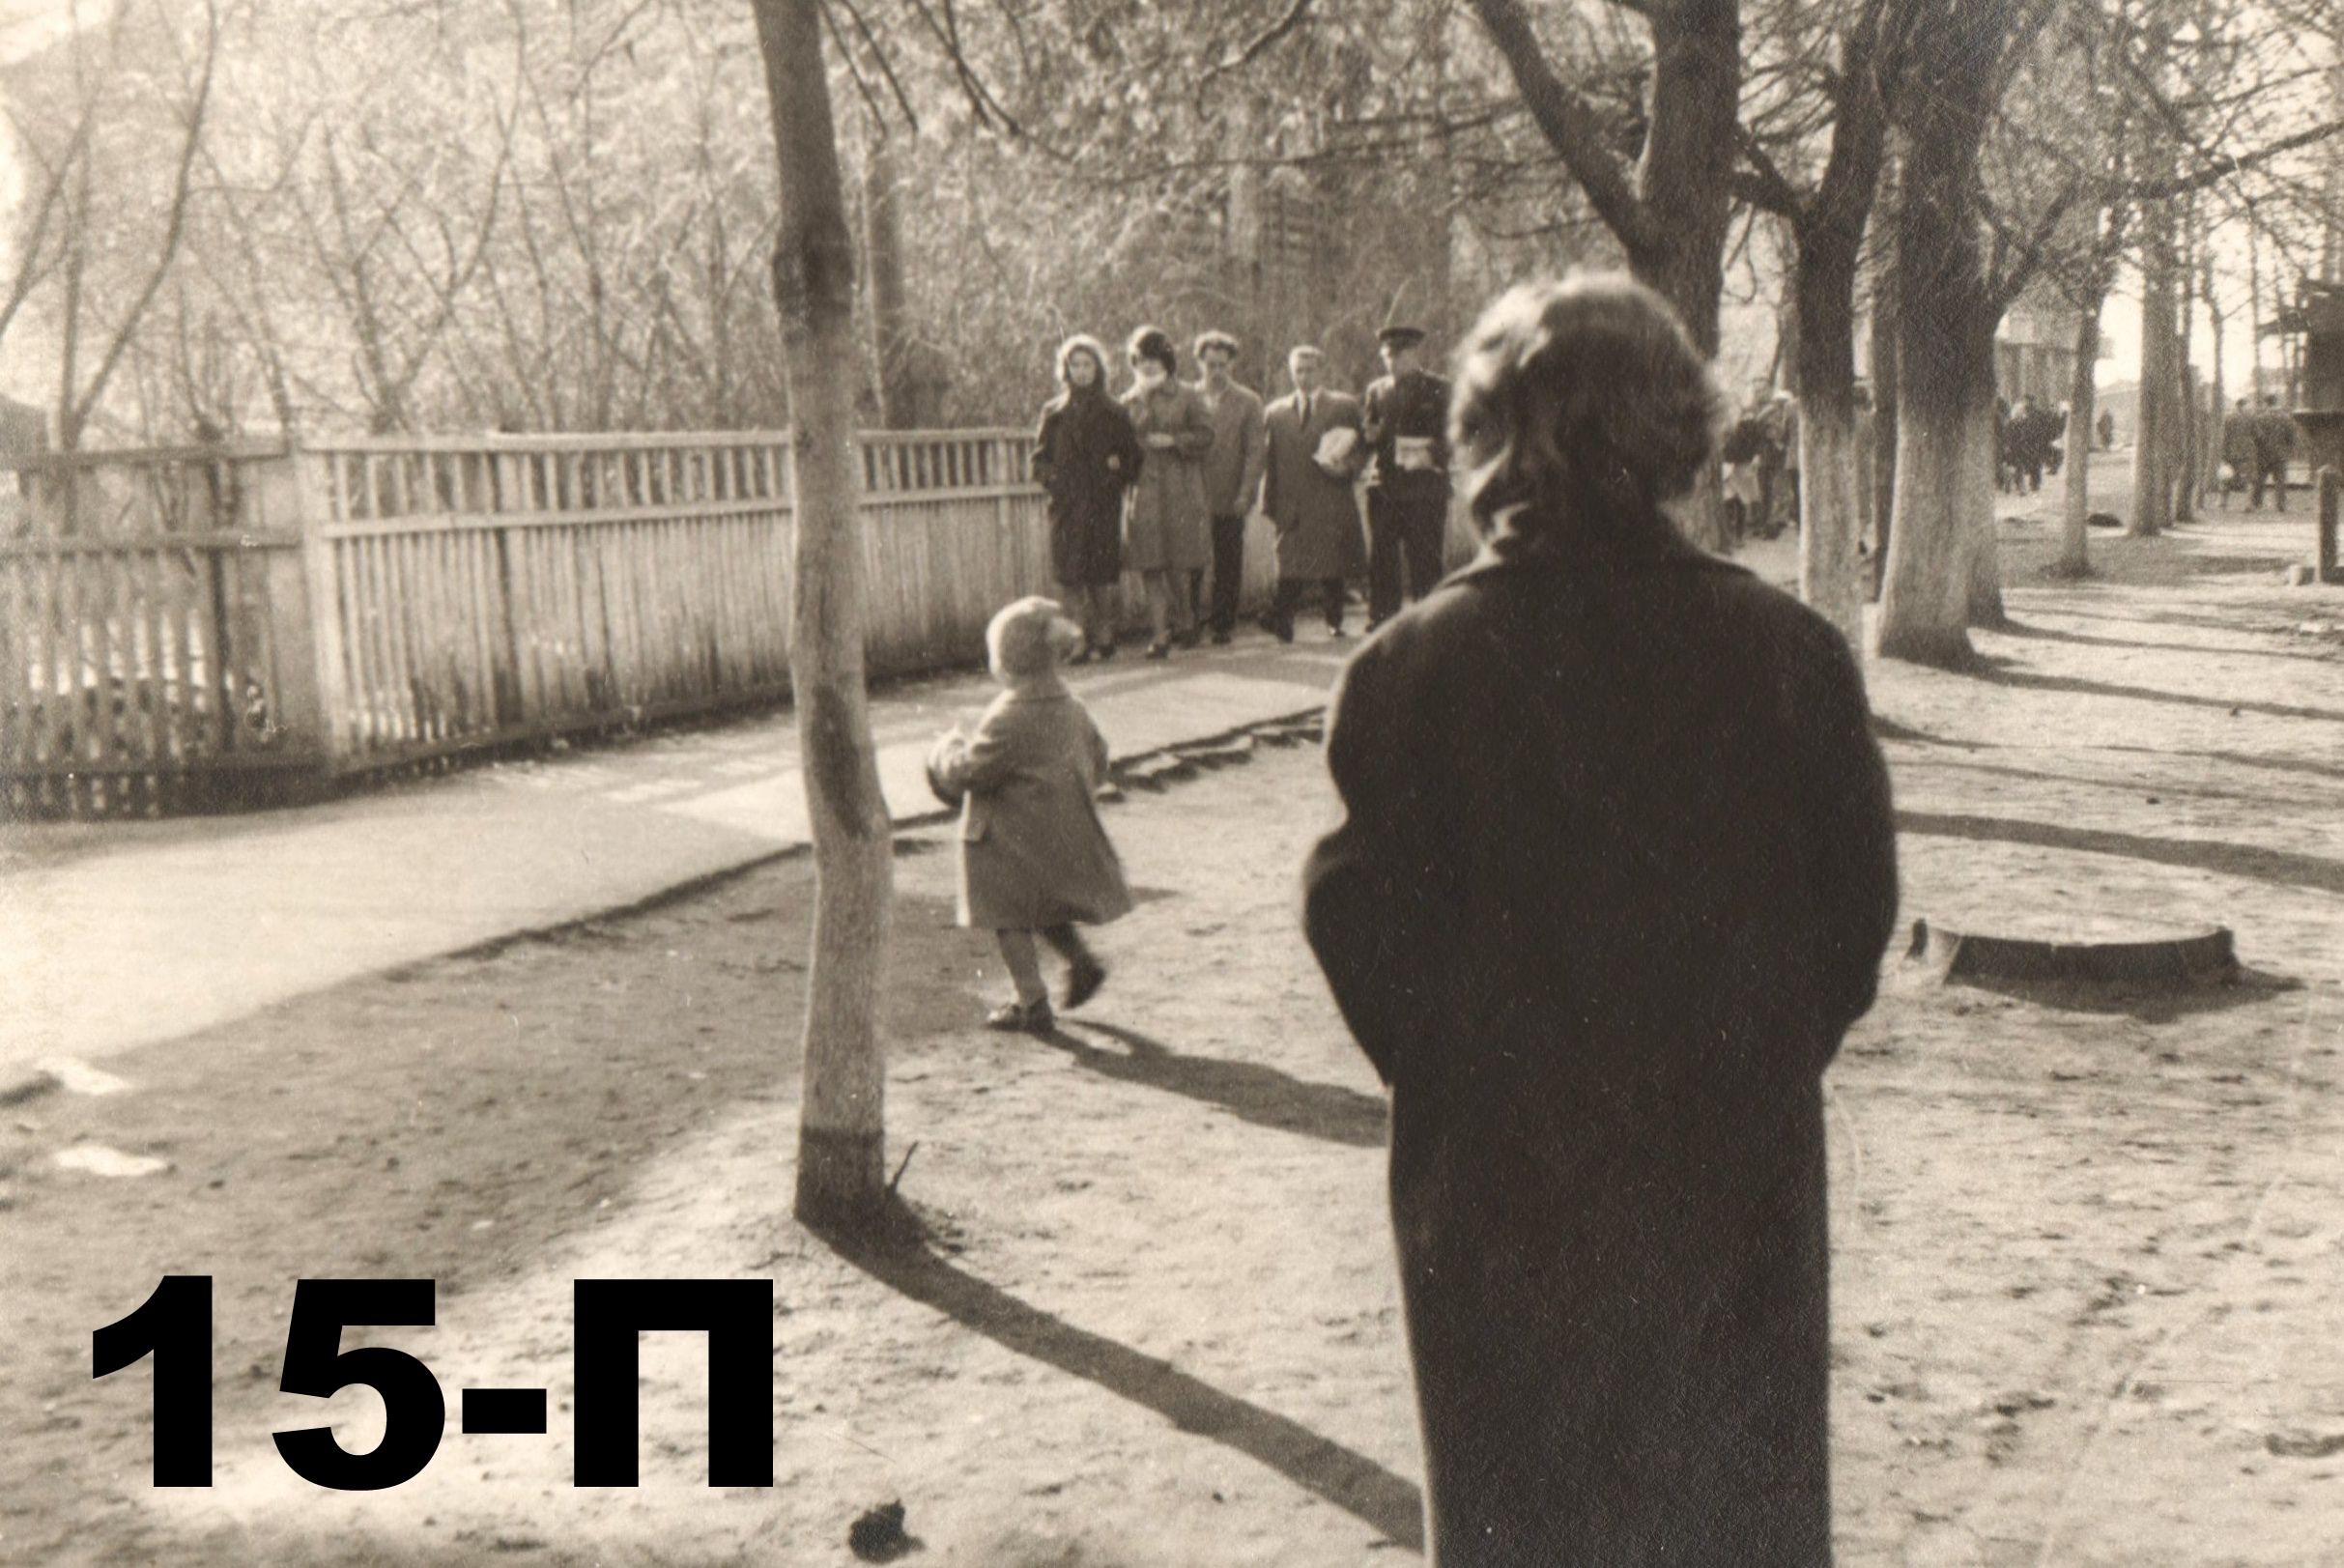 Снимок 15-П